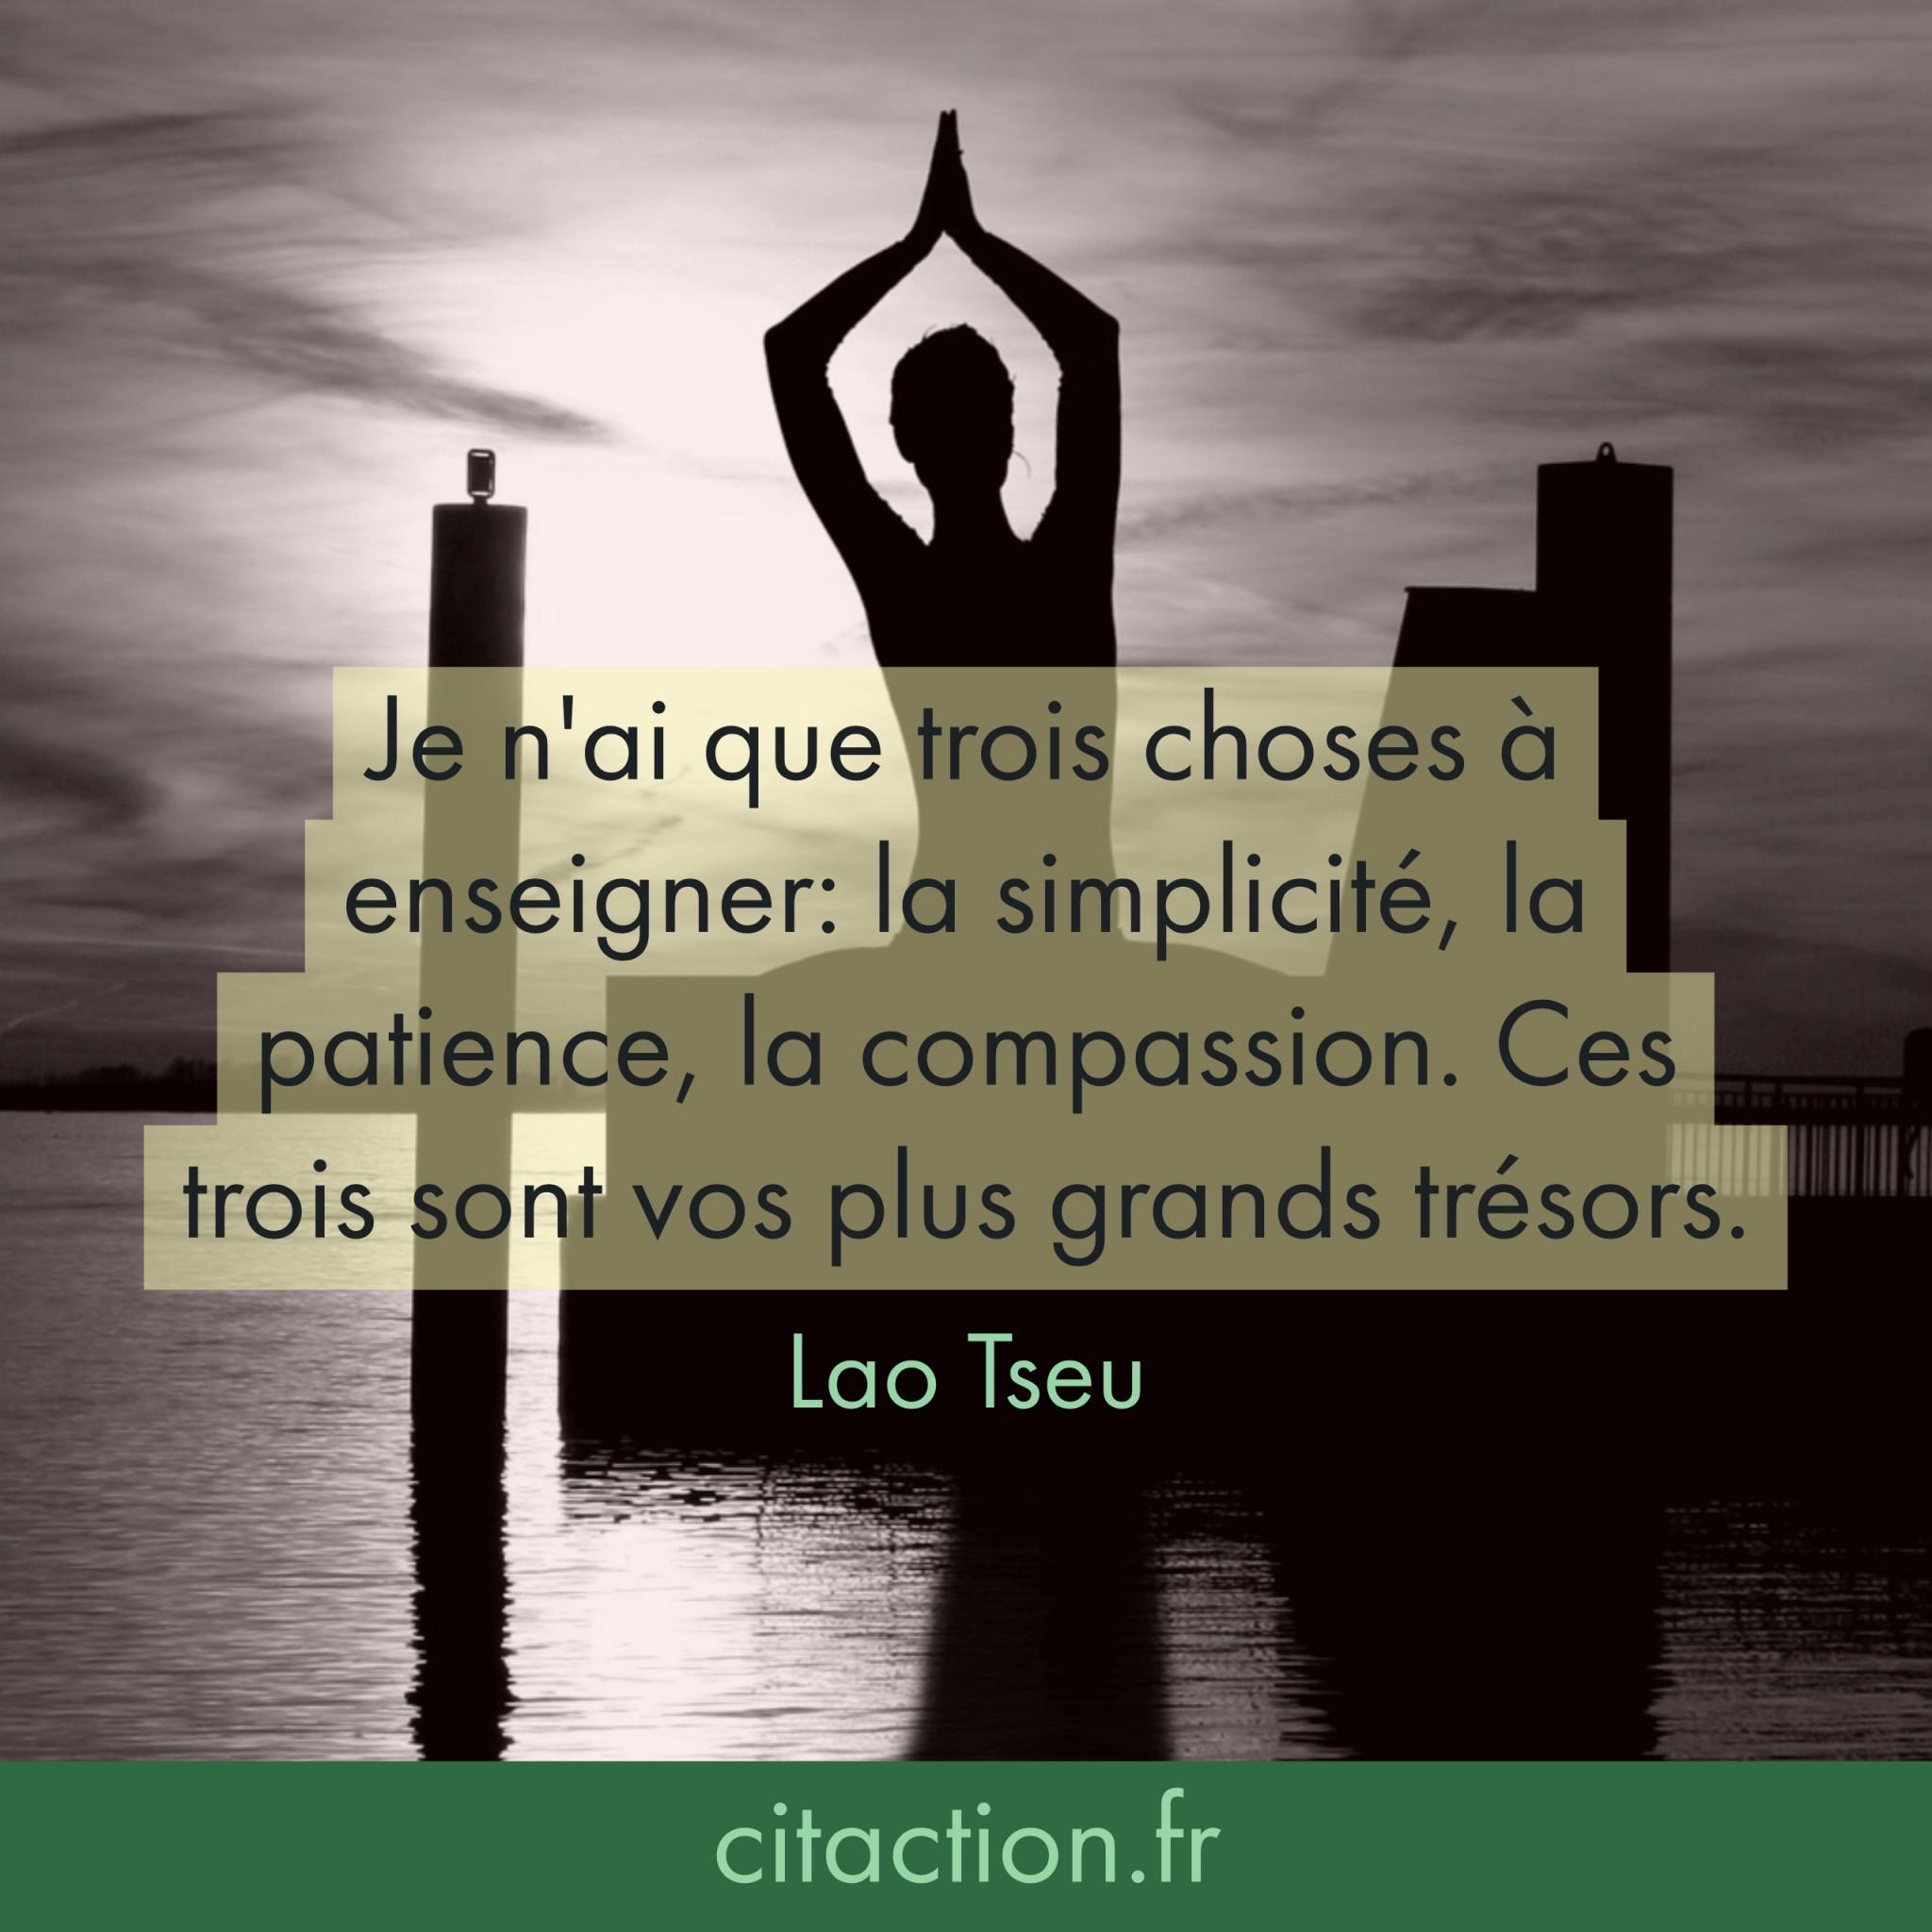 Je n'ai que trois choses à enseigner: la simplicité, la patience, la compassion. Ces trois sont vos plus grands trésors.